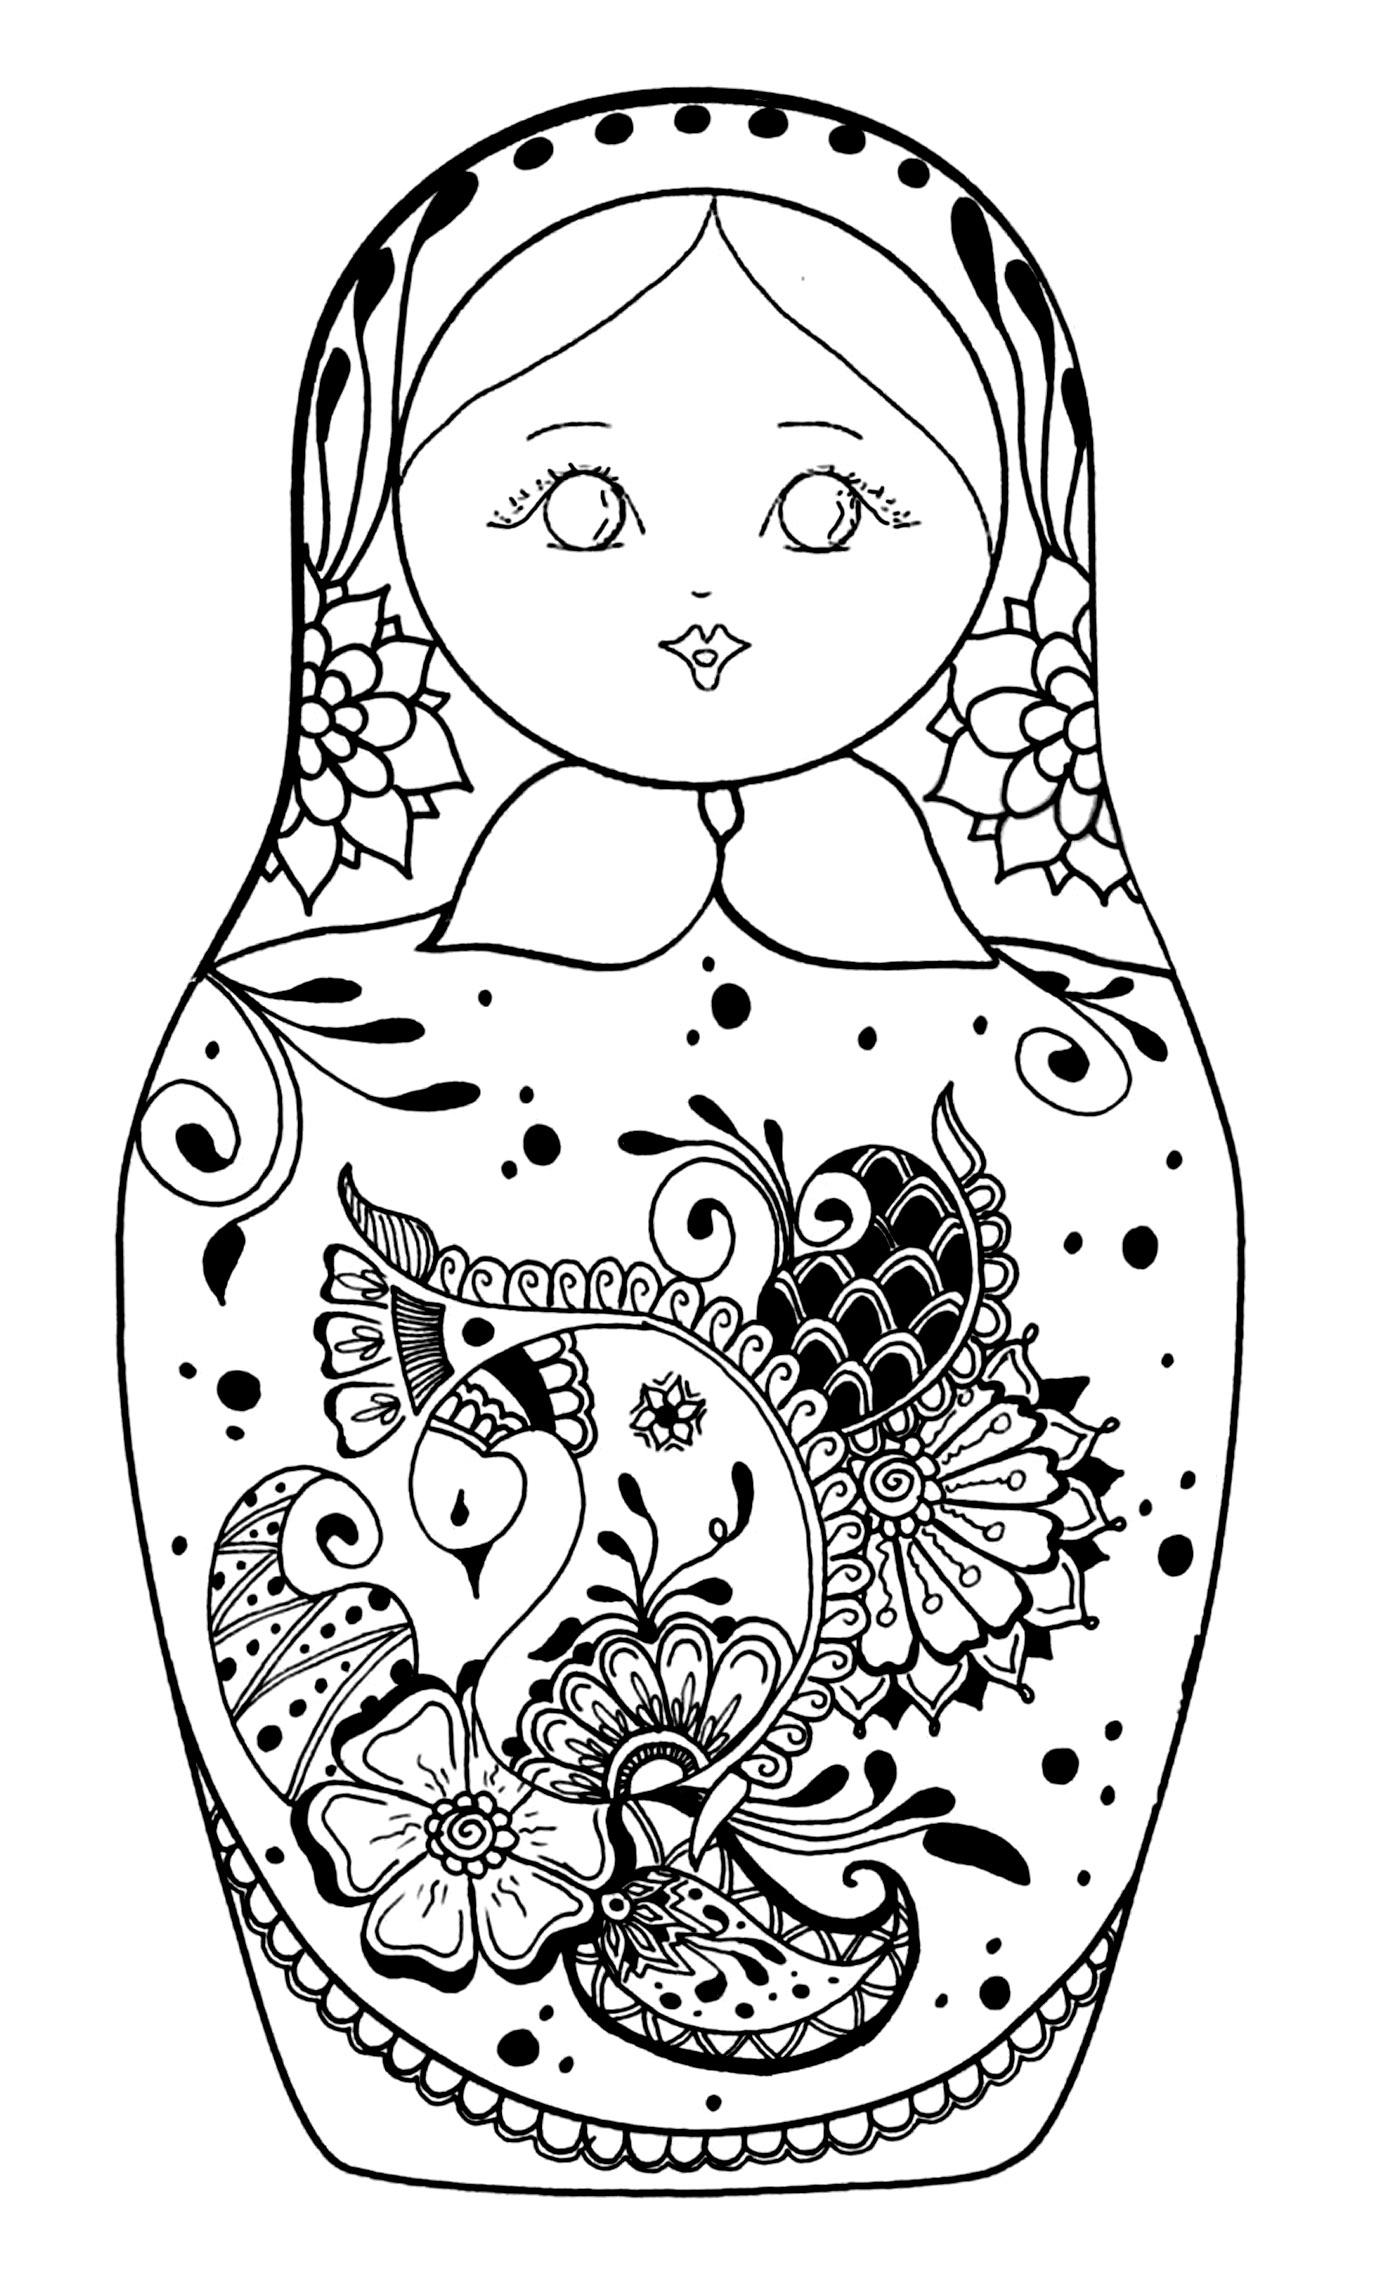 Disegni da colorare per adulti : Bambole russe - 2